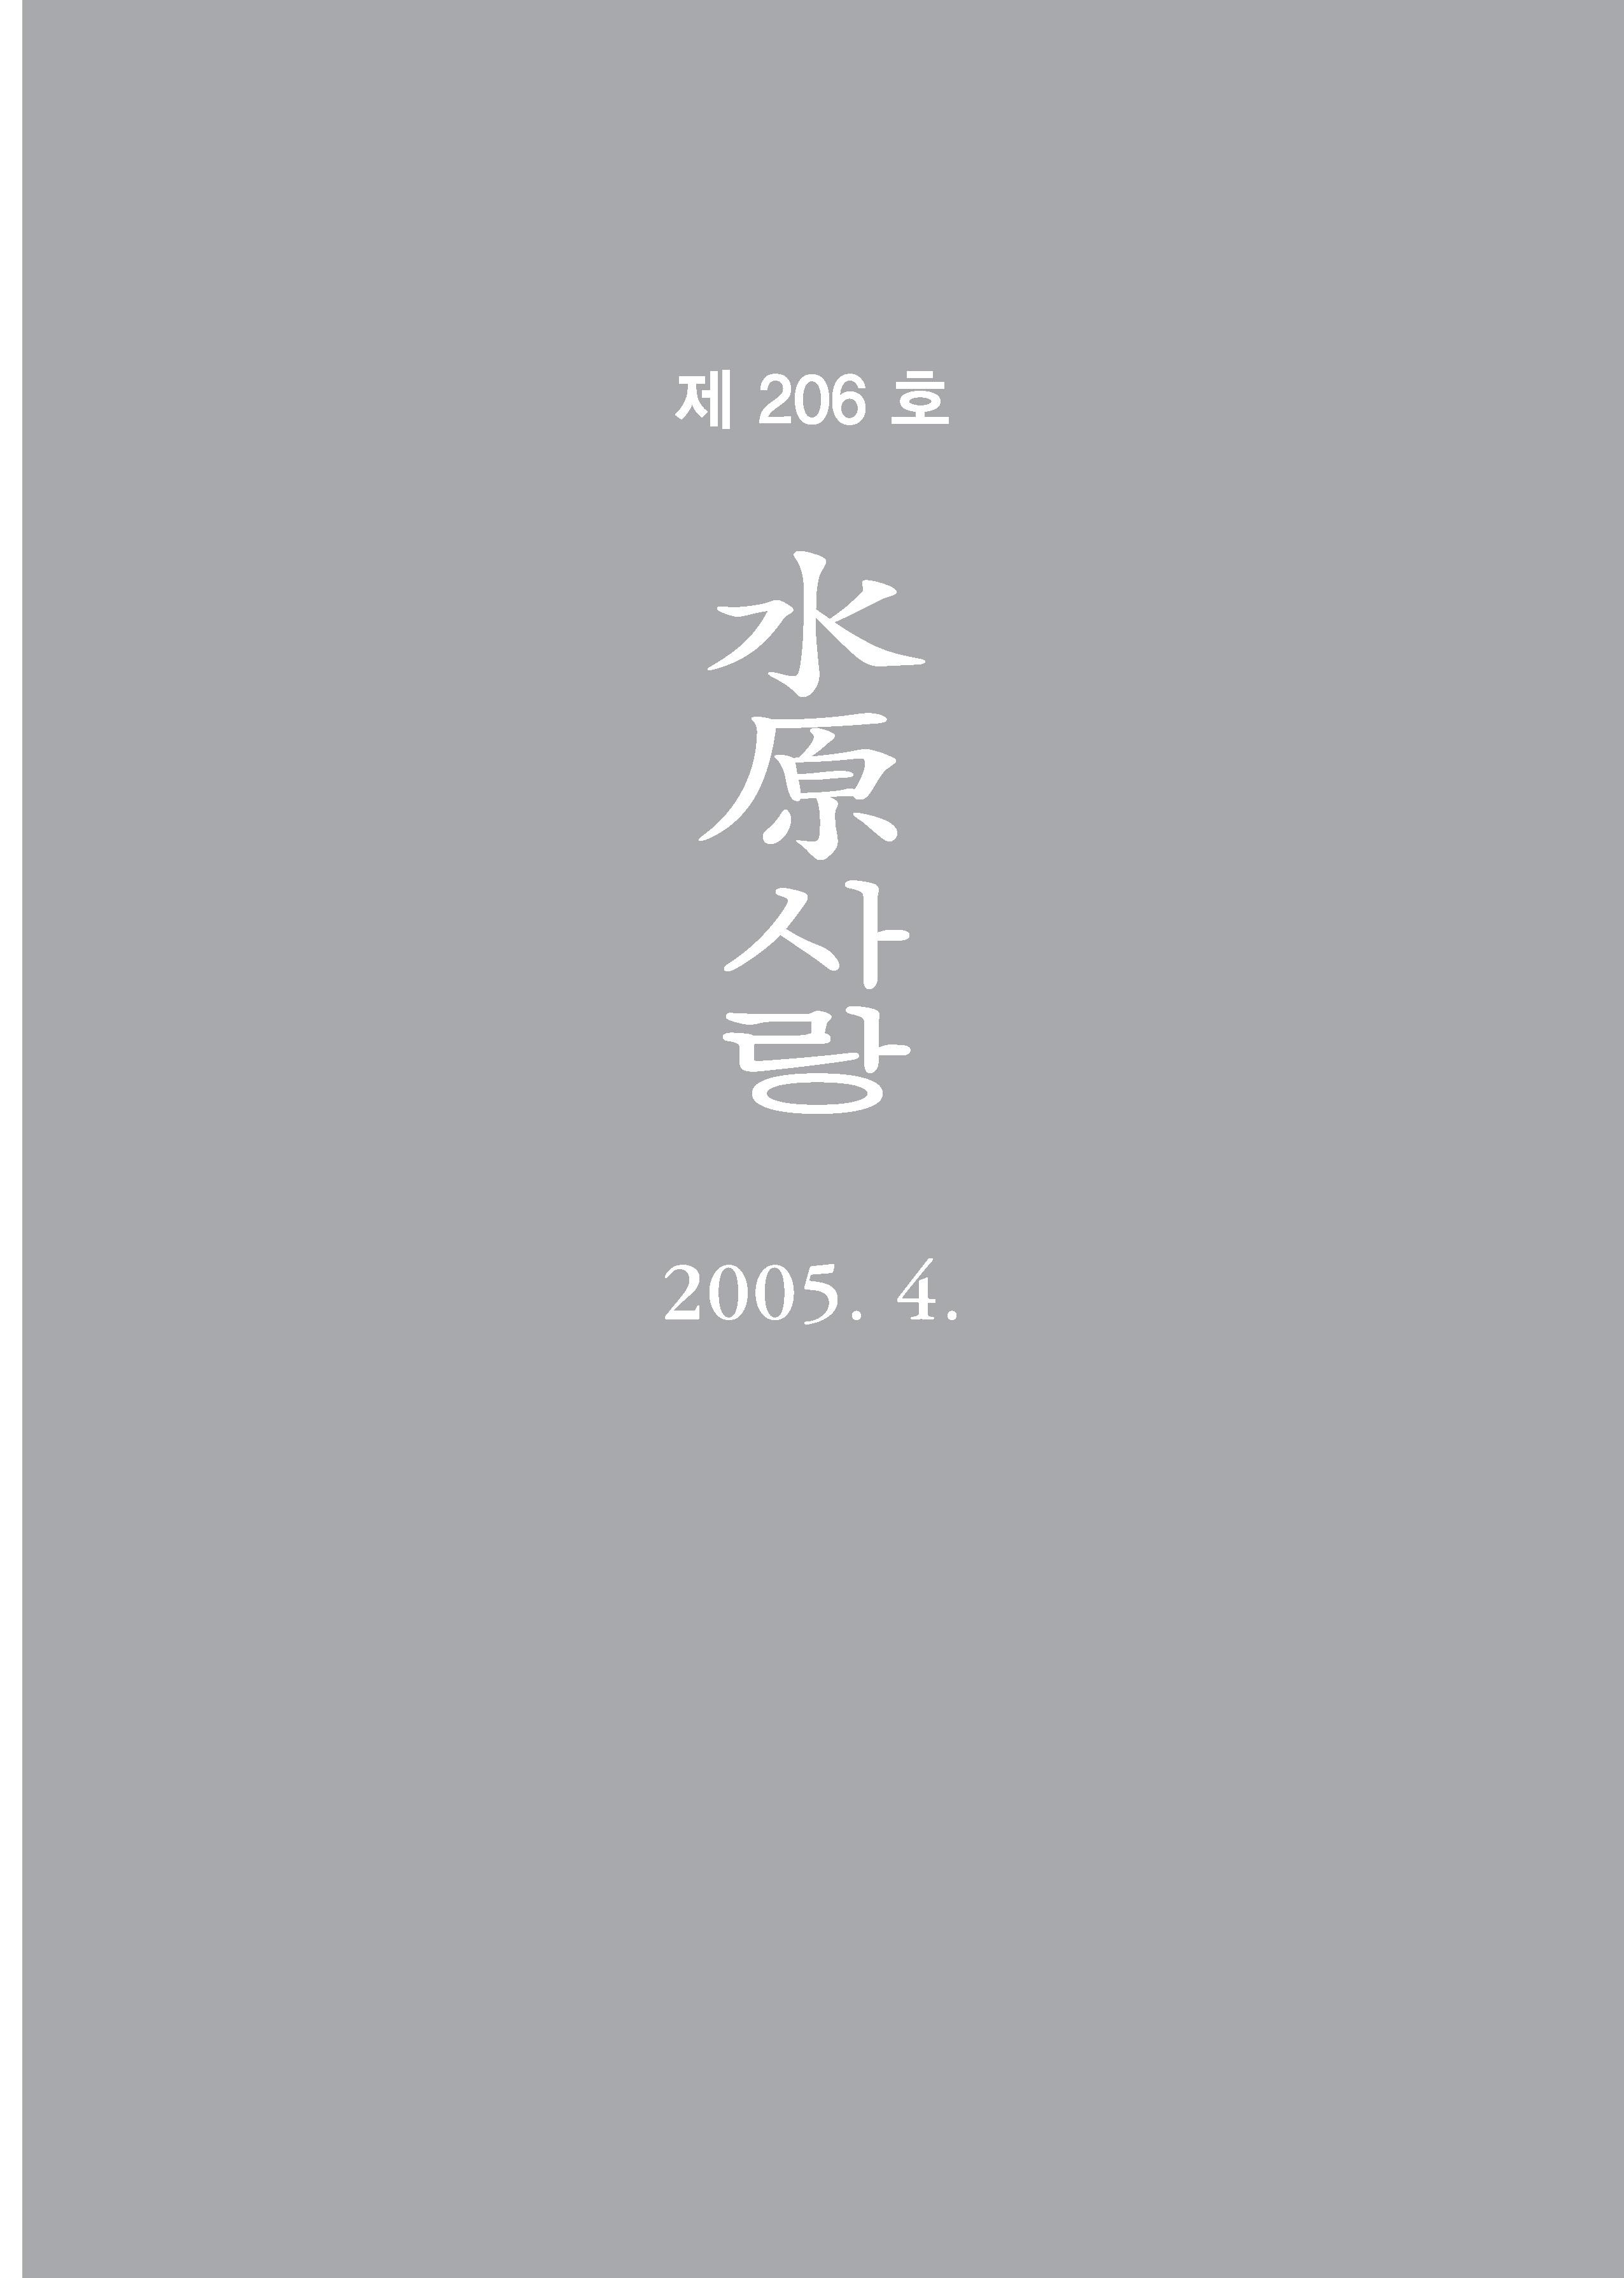 수원사랑 206호